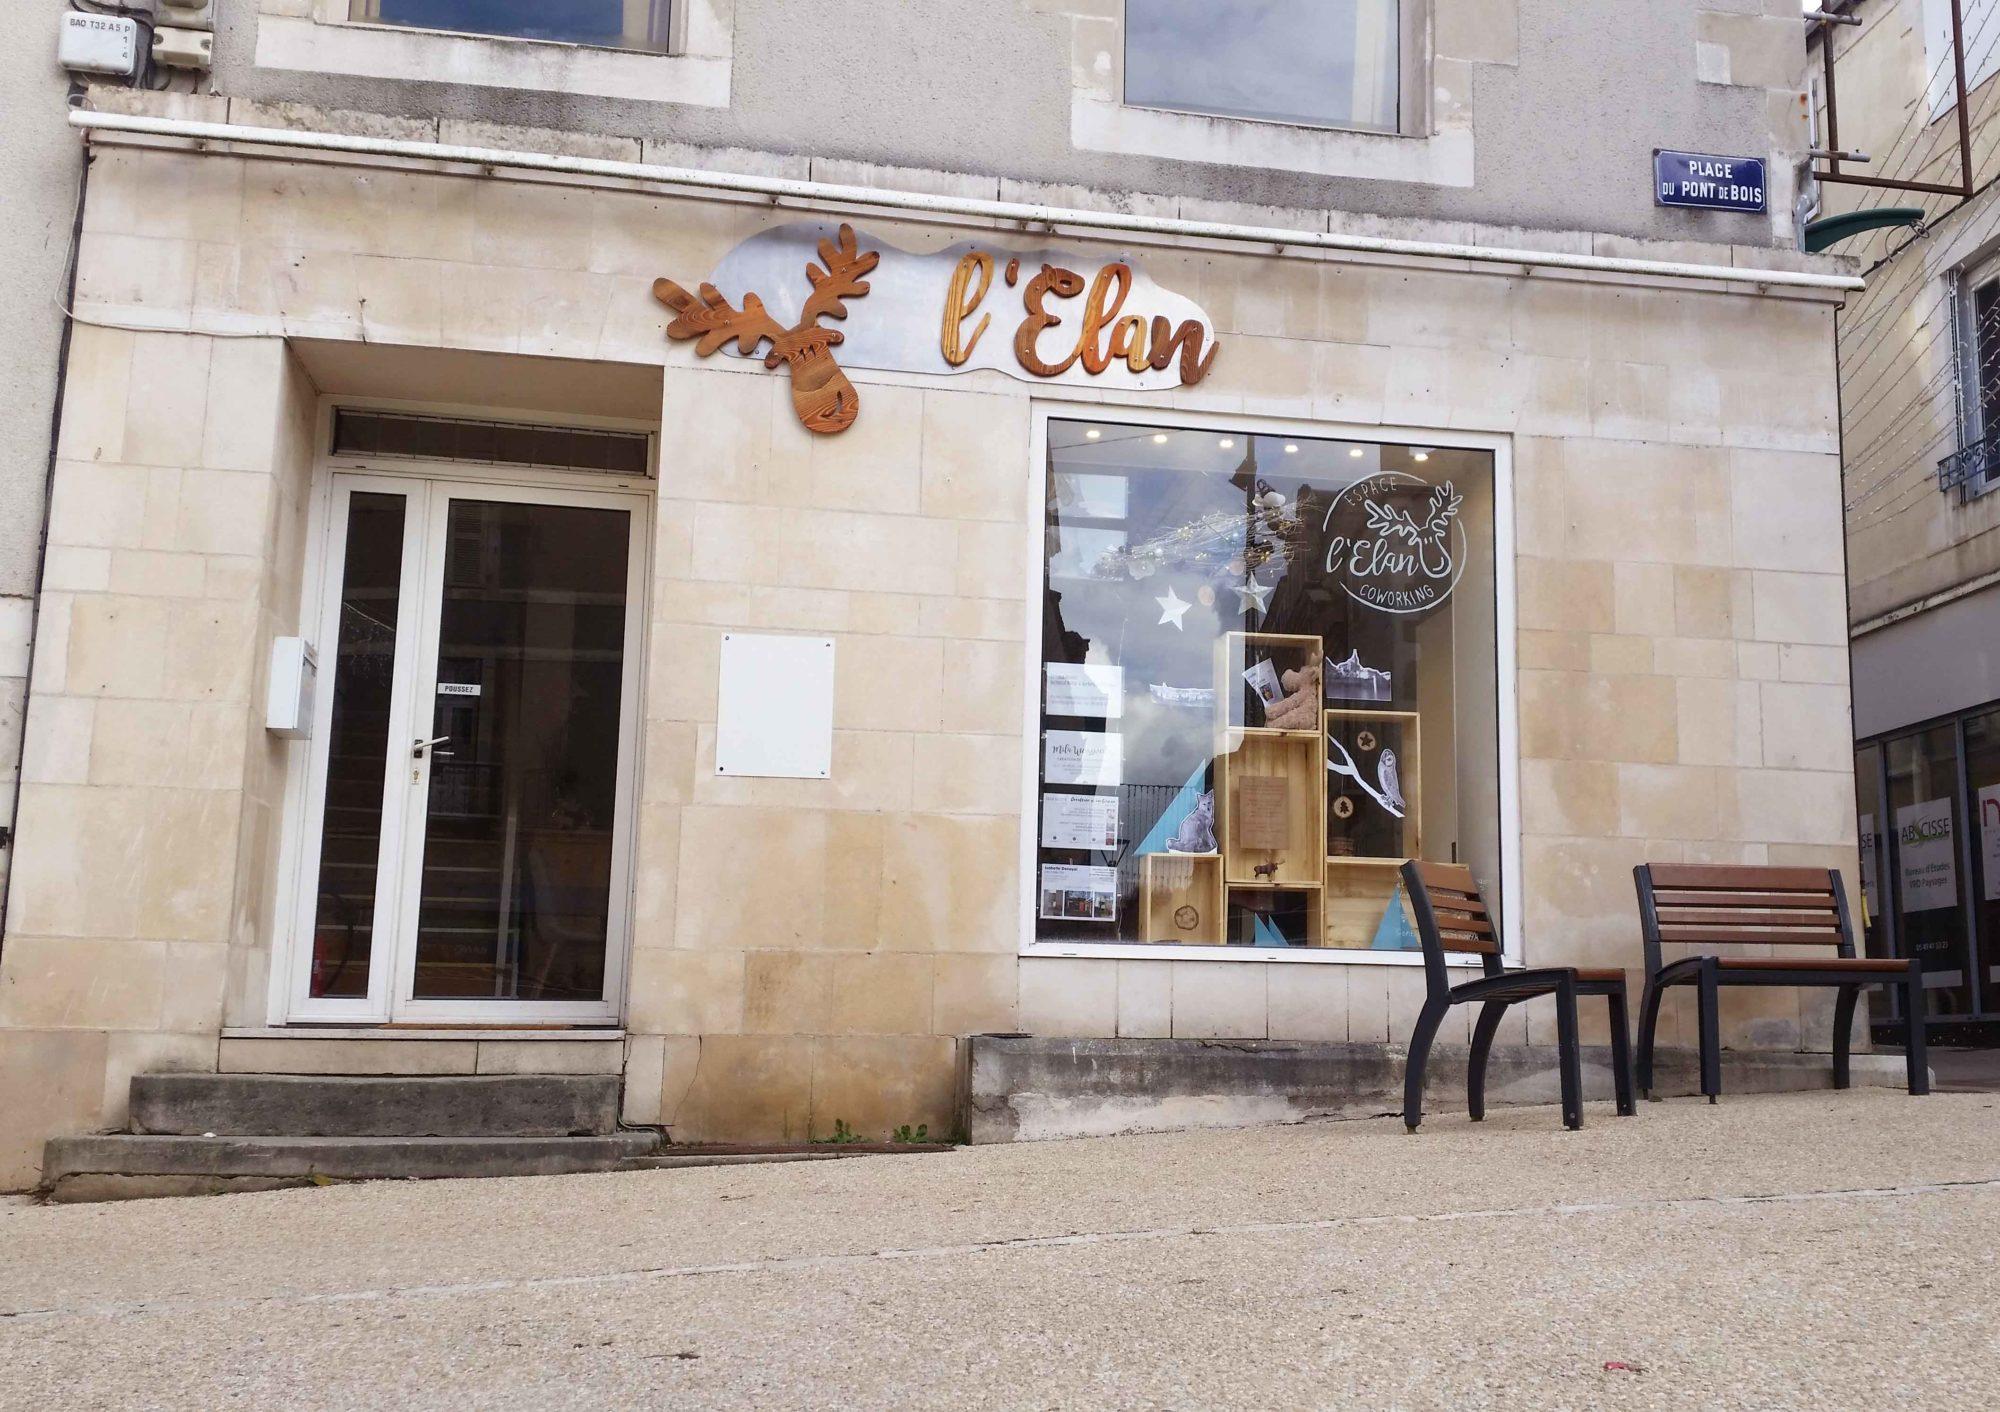 Confinement en novembre 2020 – l'Elan reste ouvert